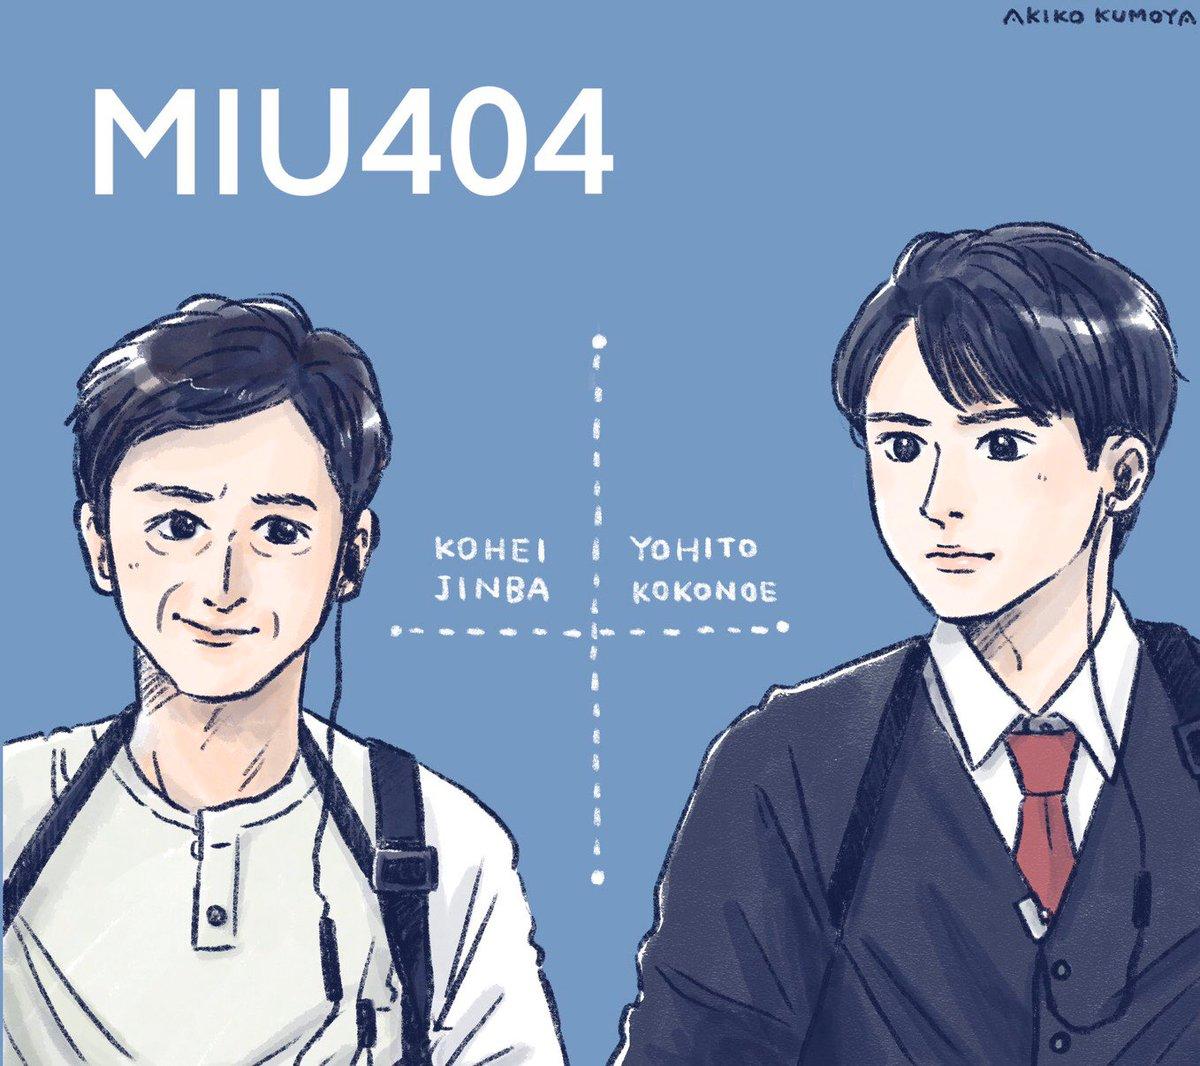 ディレクターズ 違い Miu404 カット